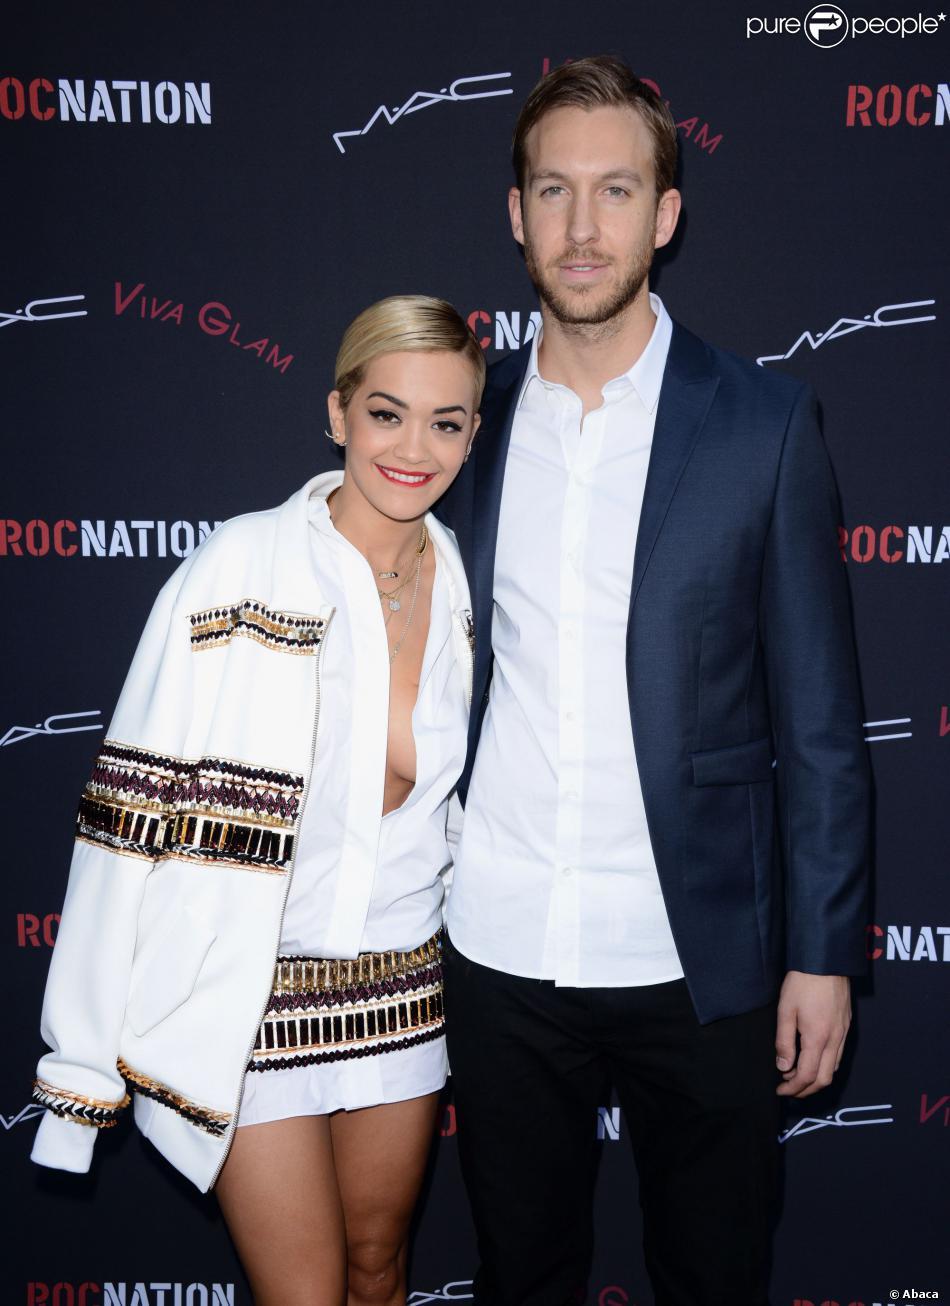 Rita Ora et Calvin Harris lors du brunch pré-Grammys organisé par le label Roc à Beverly Hills, le 25 janvier 2014.